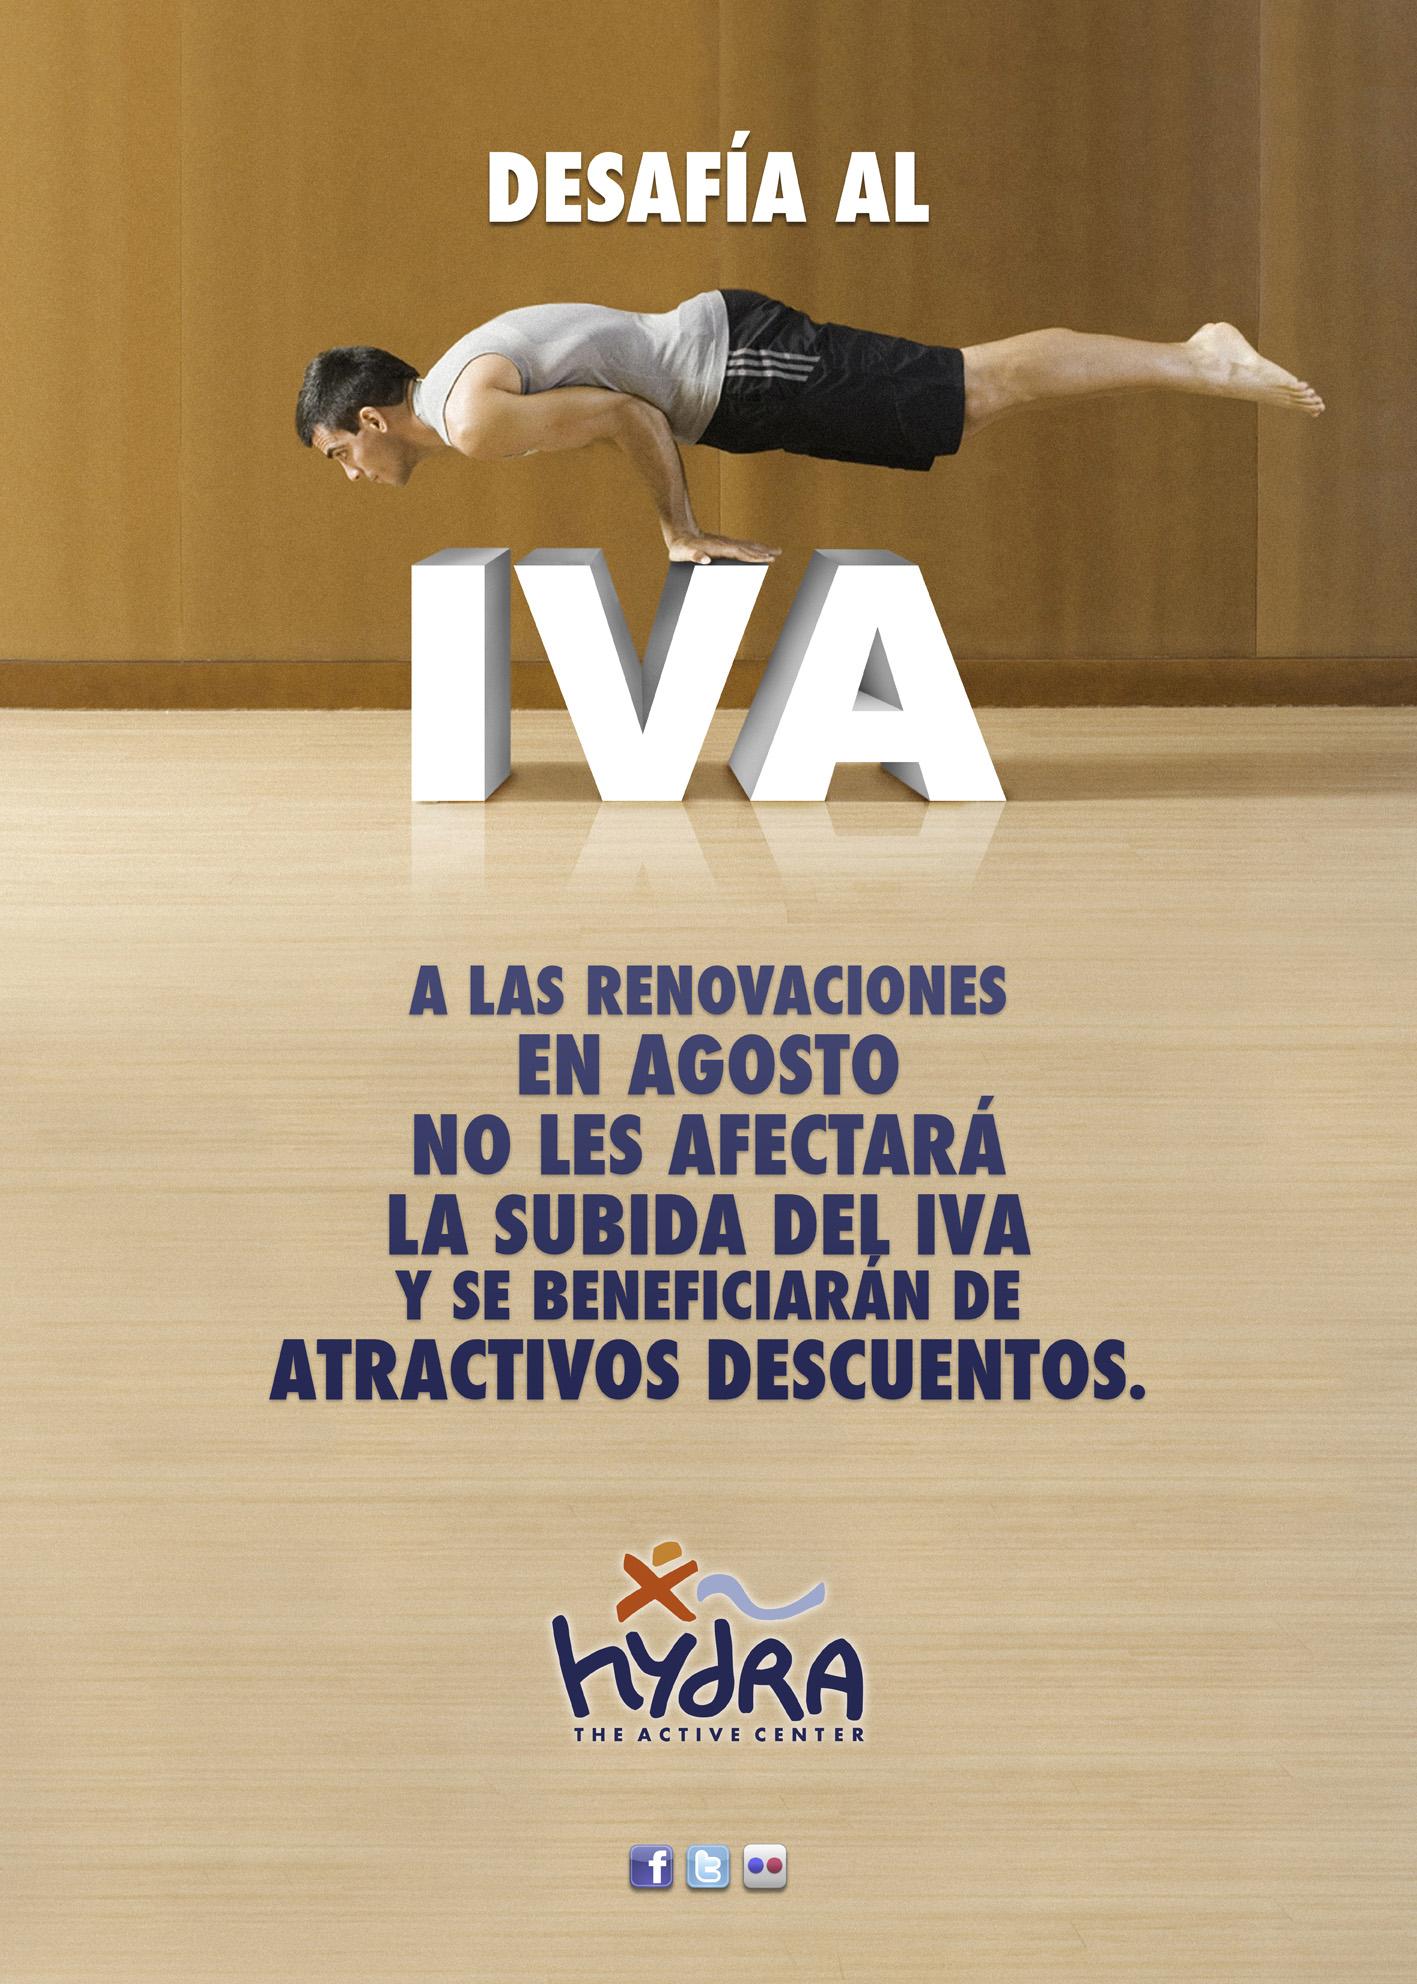 Publicidad para la campaña Desafía al IVA de Hydra